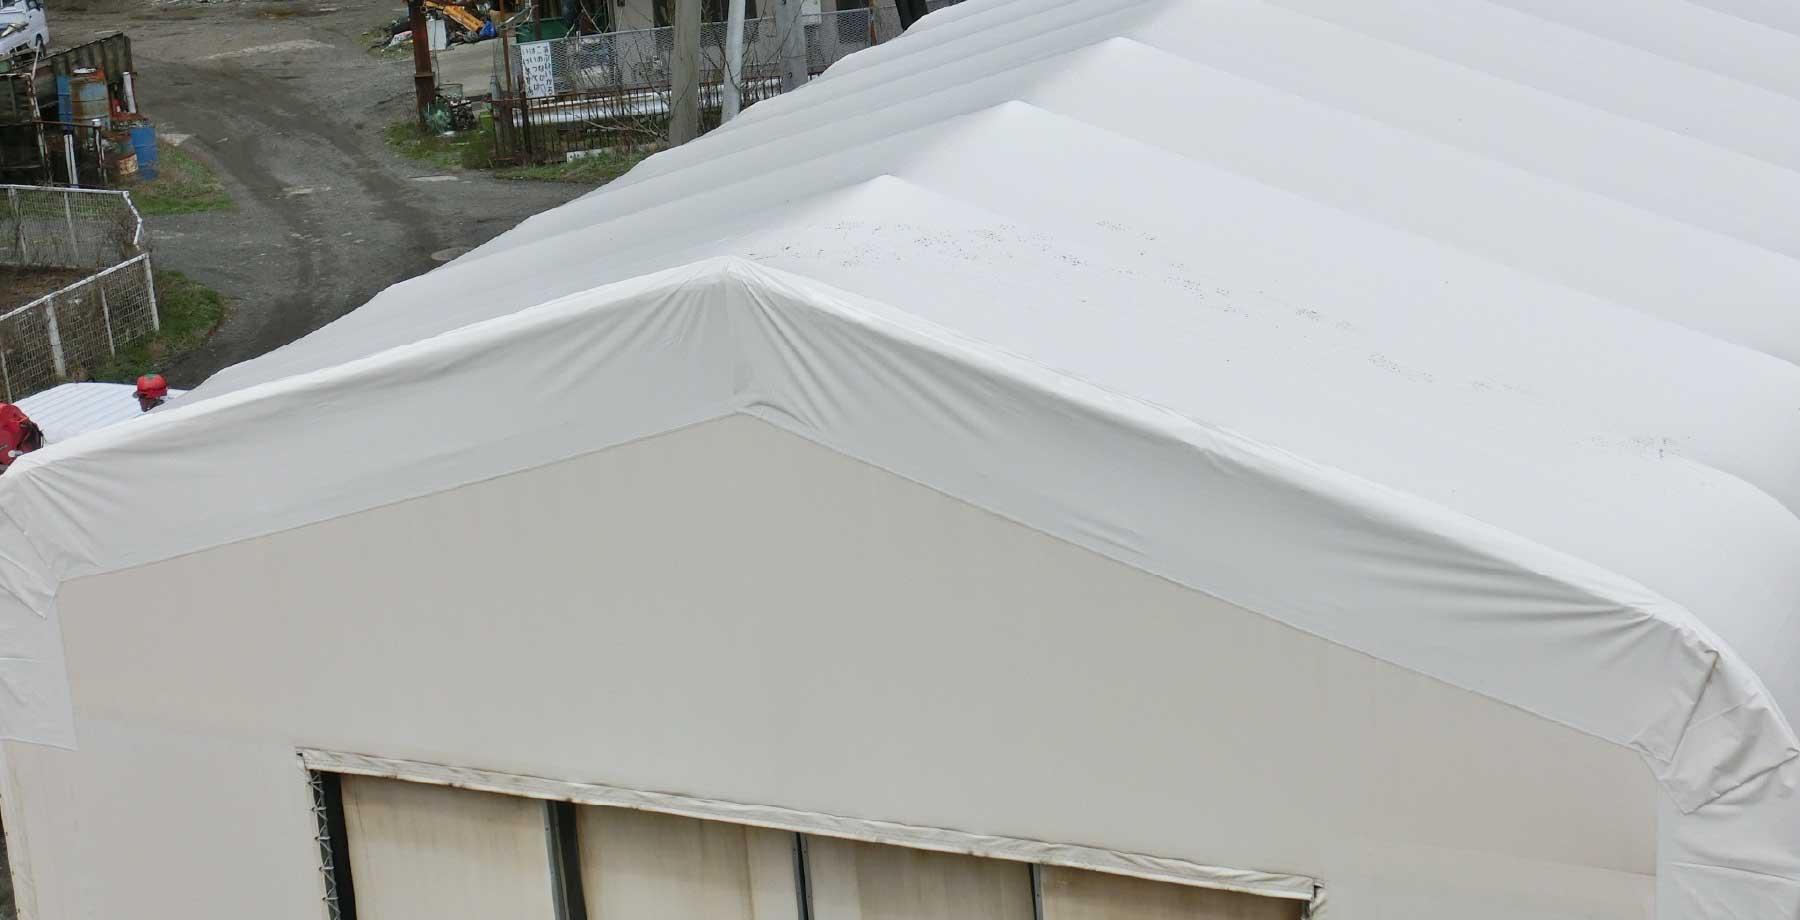 テント倉庫屋根キャップシートの張替え画像4